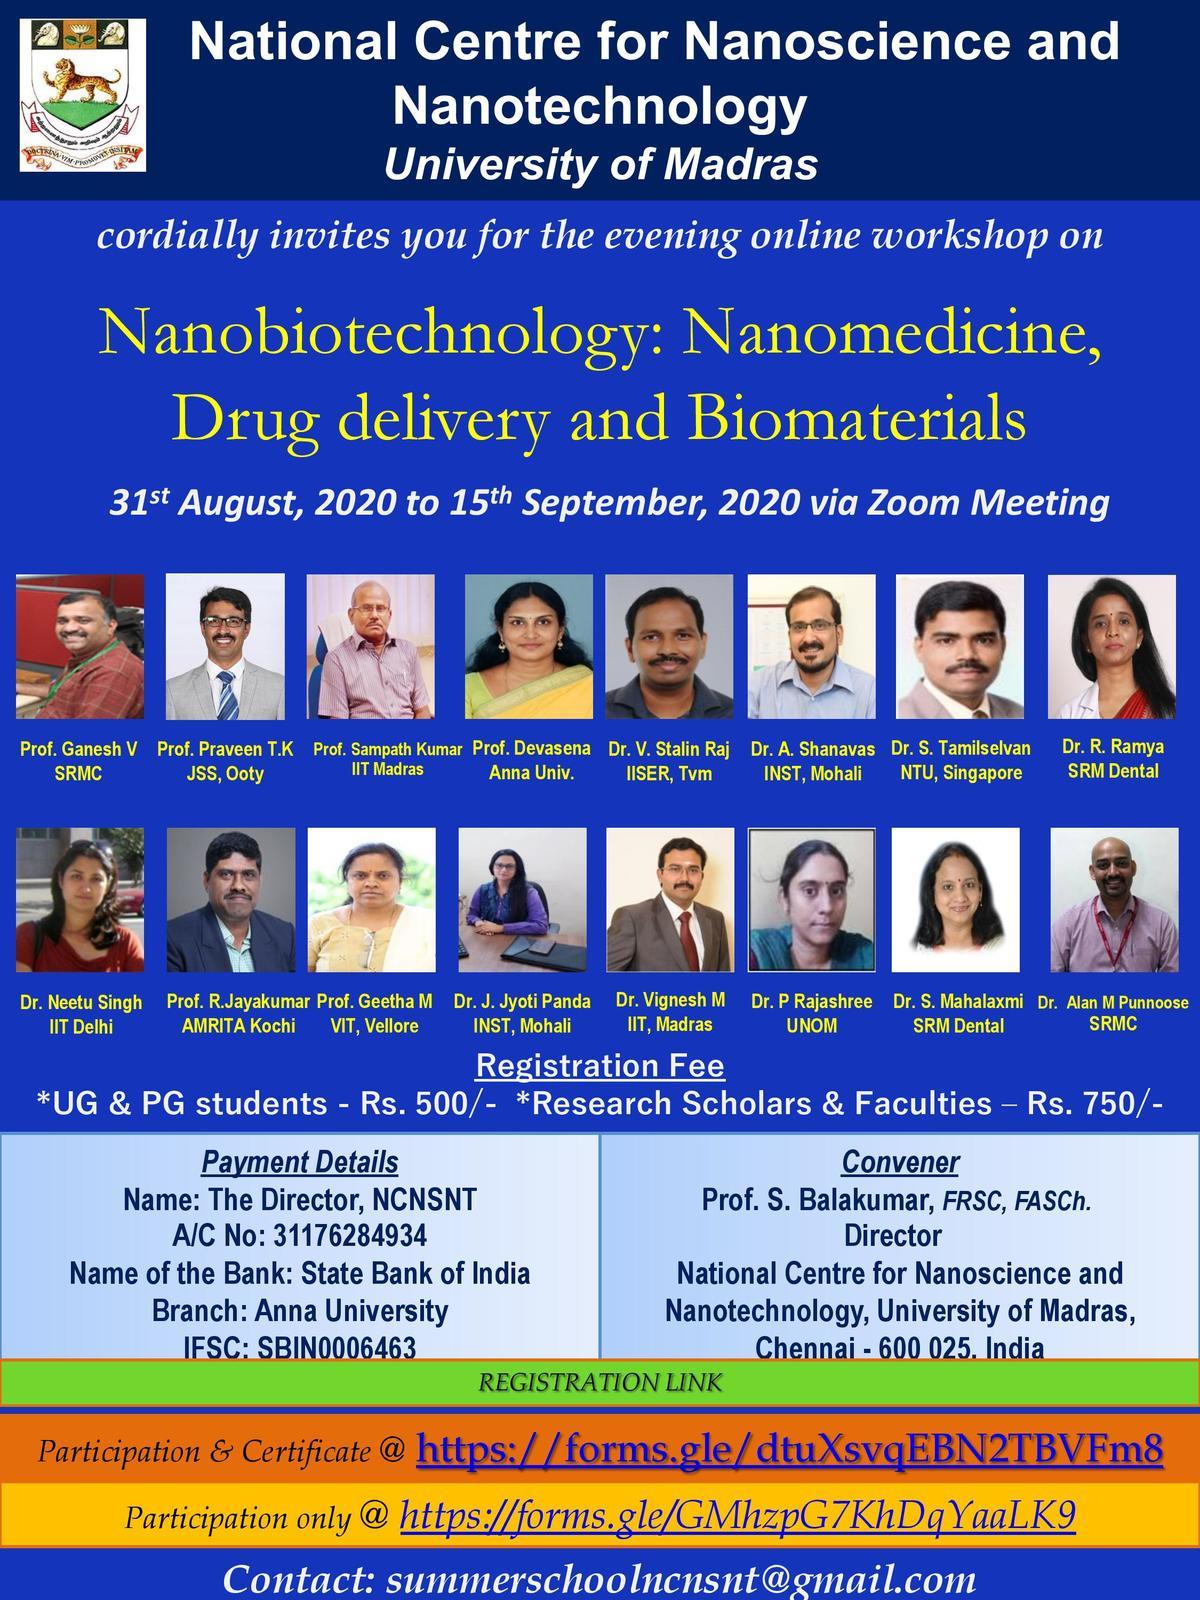 Online Workshop on Nanobiotechnology:Nanomedicine, Drug delivery and Biomaterials